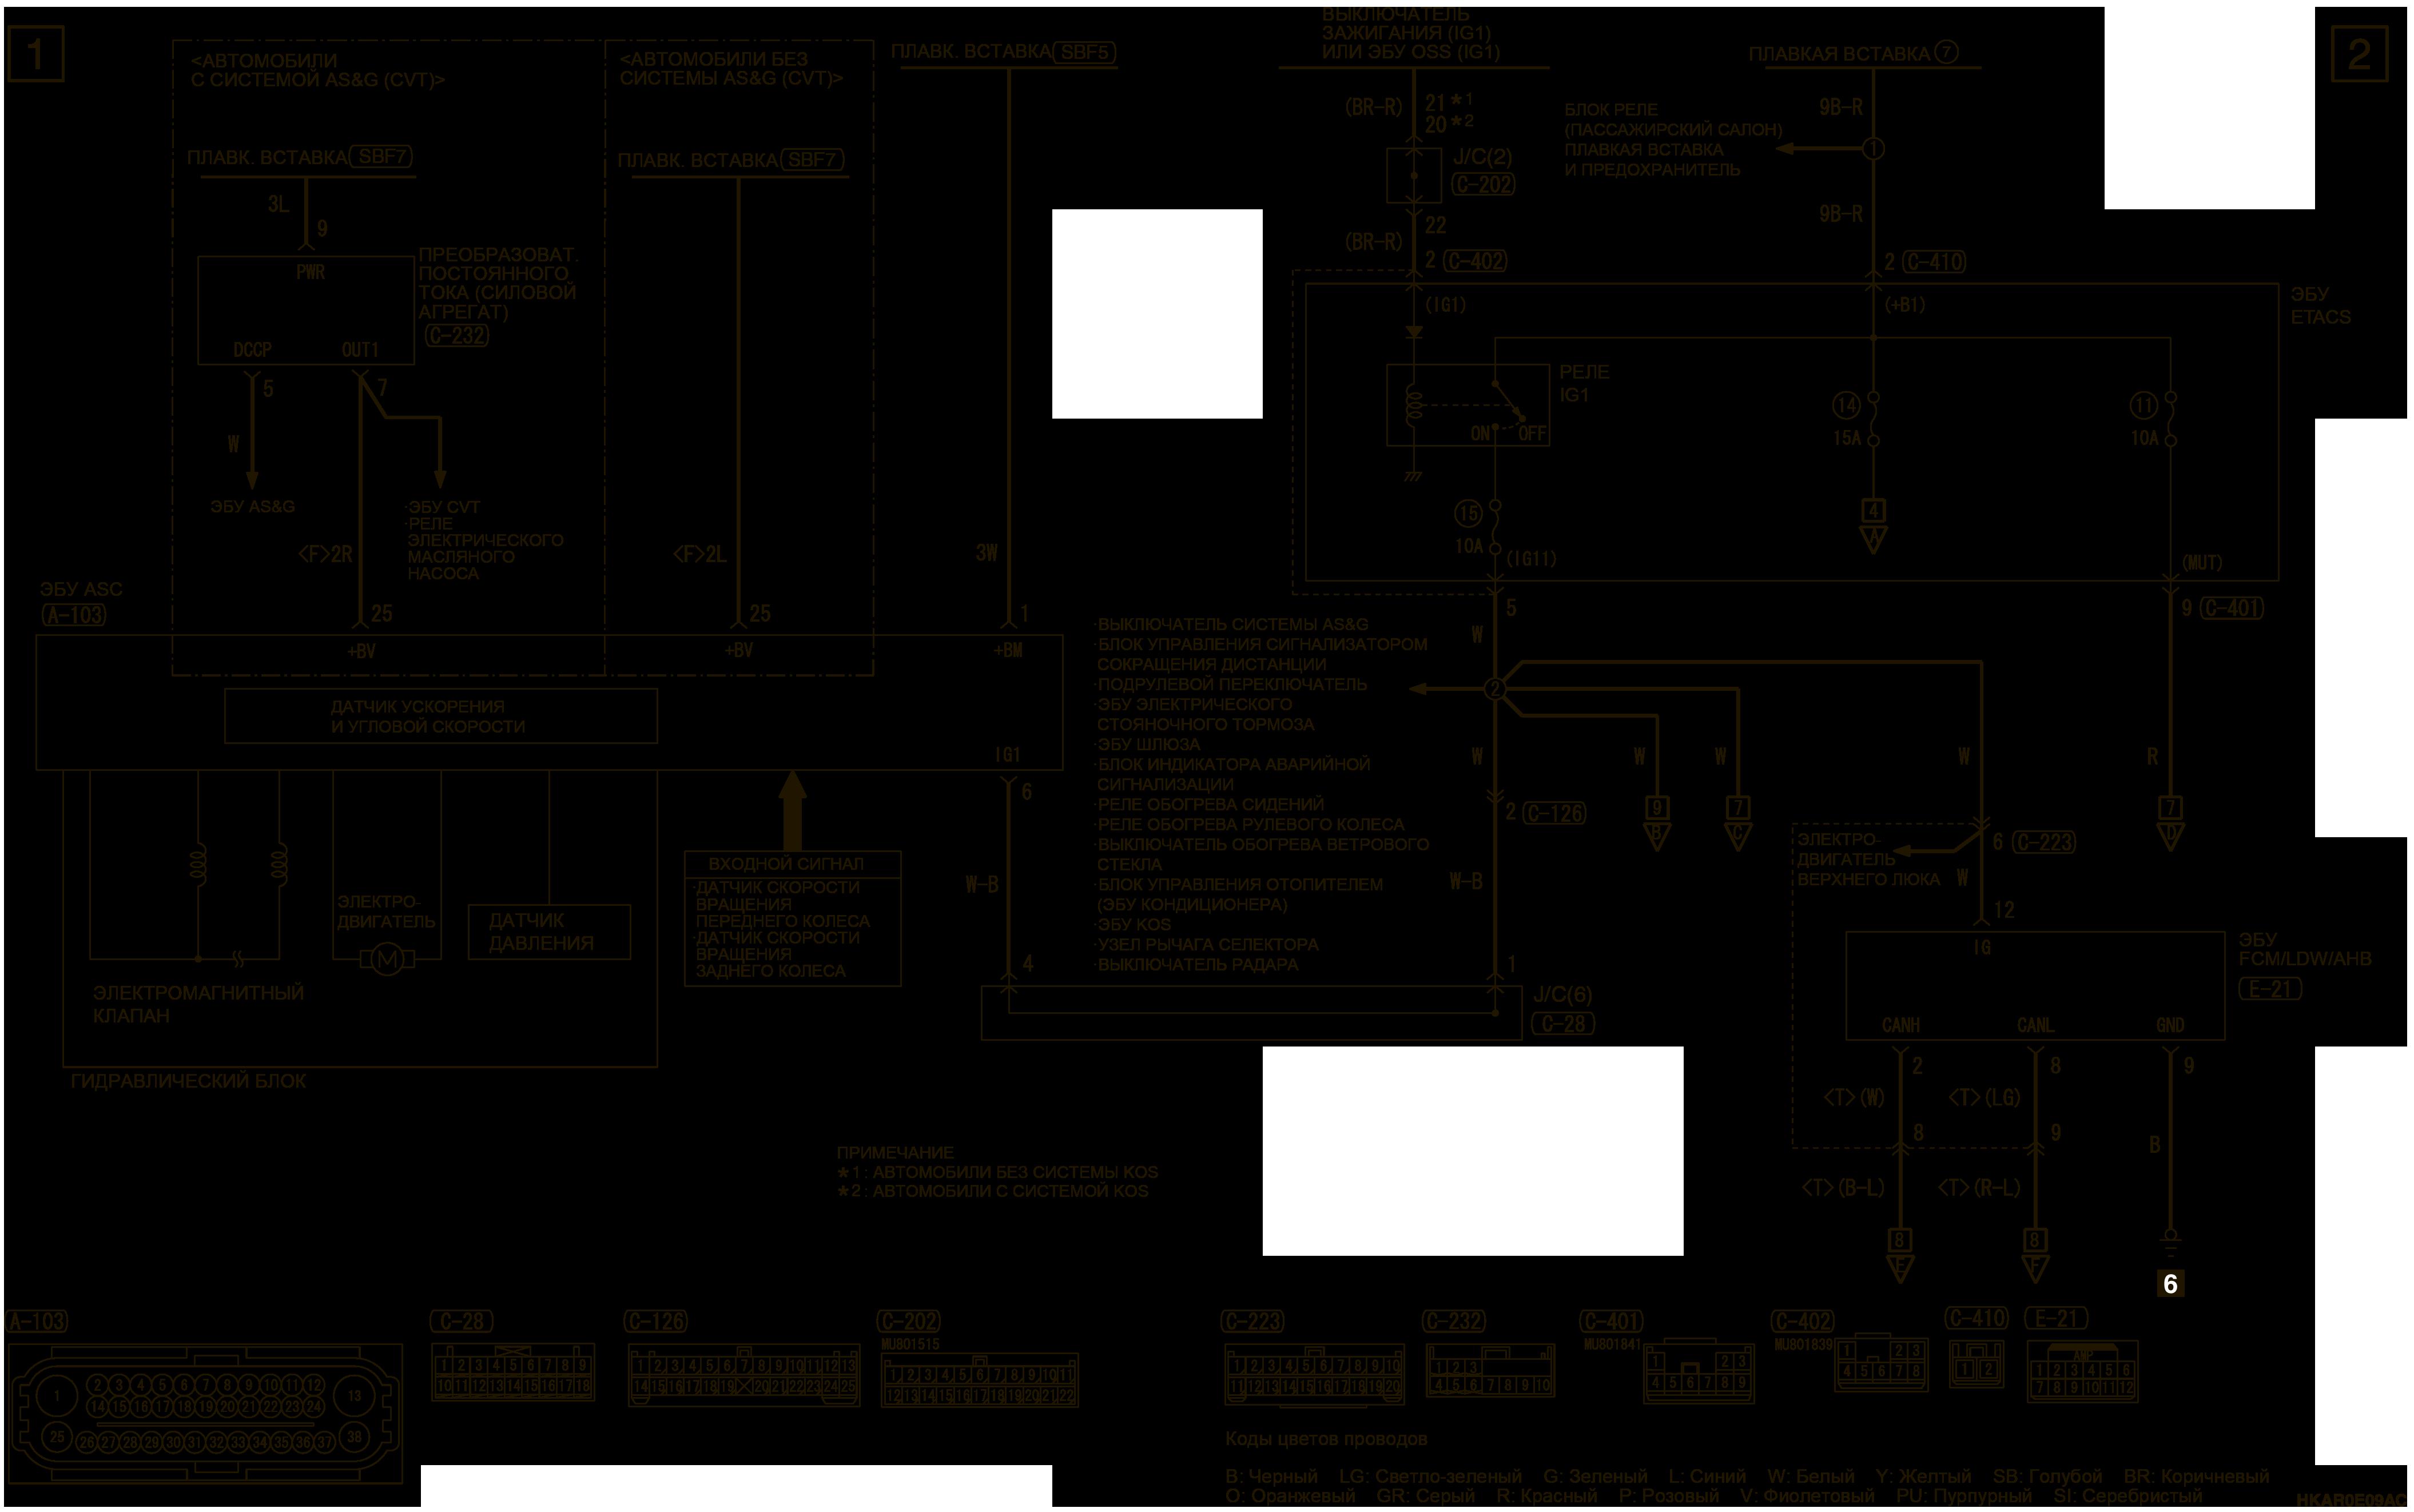 mmc аутлендер 3 2019 электросхемаСИСТЕМА ПРЕДОТВРАЩЕНИЯ ФРОНТАЛЬНОГО СТОЛКНОВЕНИЯ (FCM) ЛЕВОСТОРОННЕЕ УПРАВЛЕНИЕ